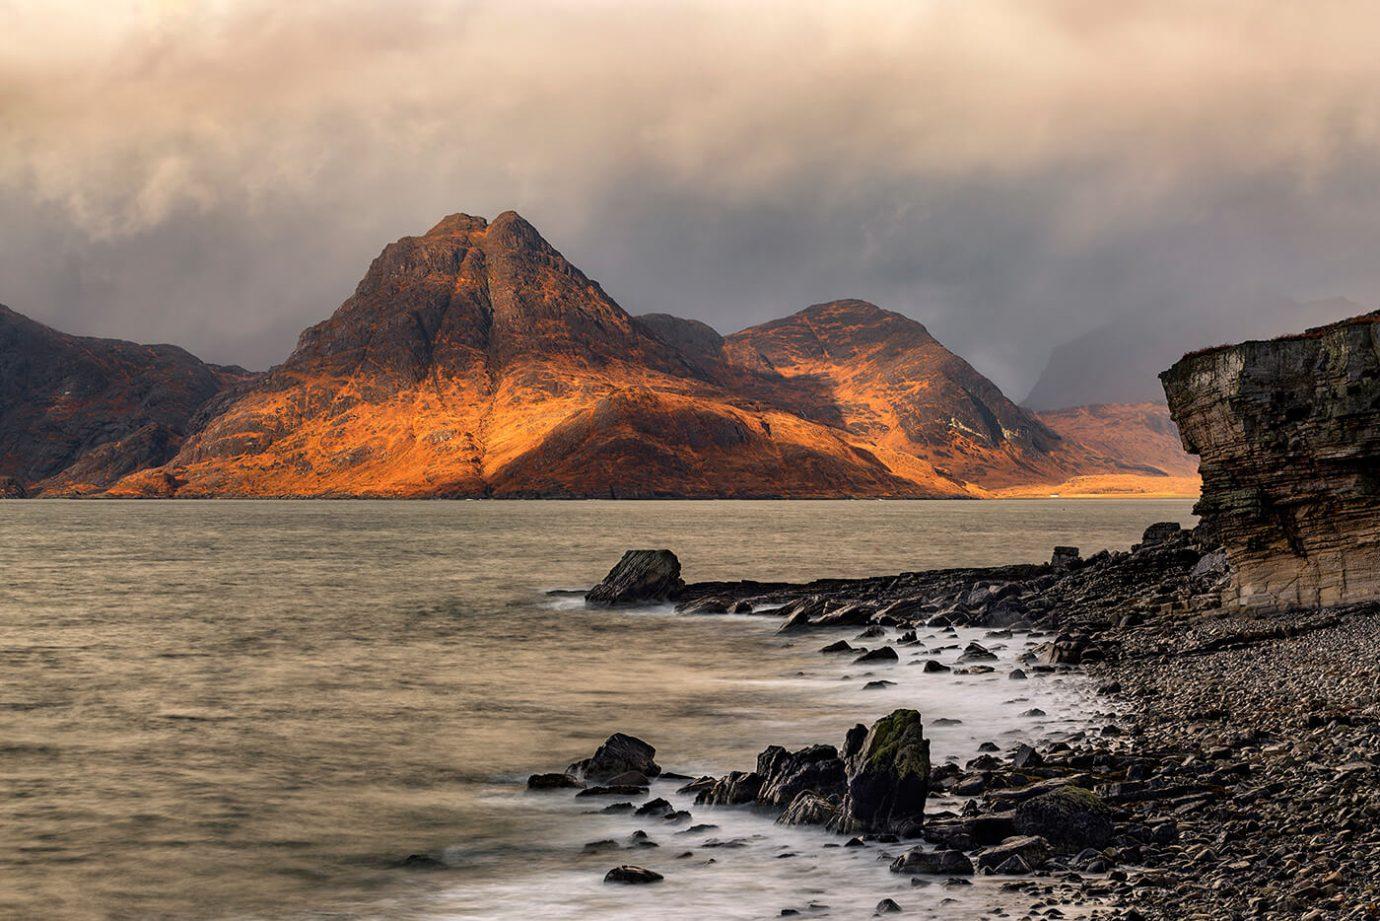 Sgurr na Stri from Elgol, Isle of Skye